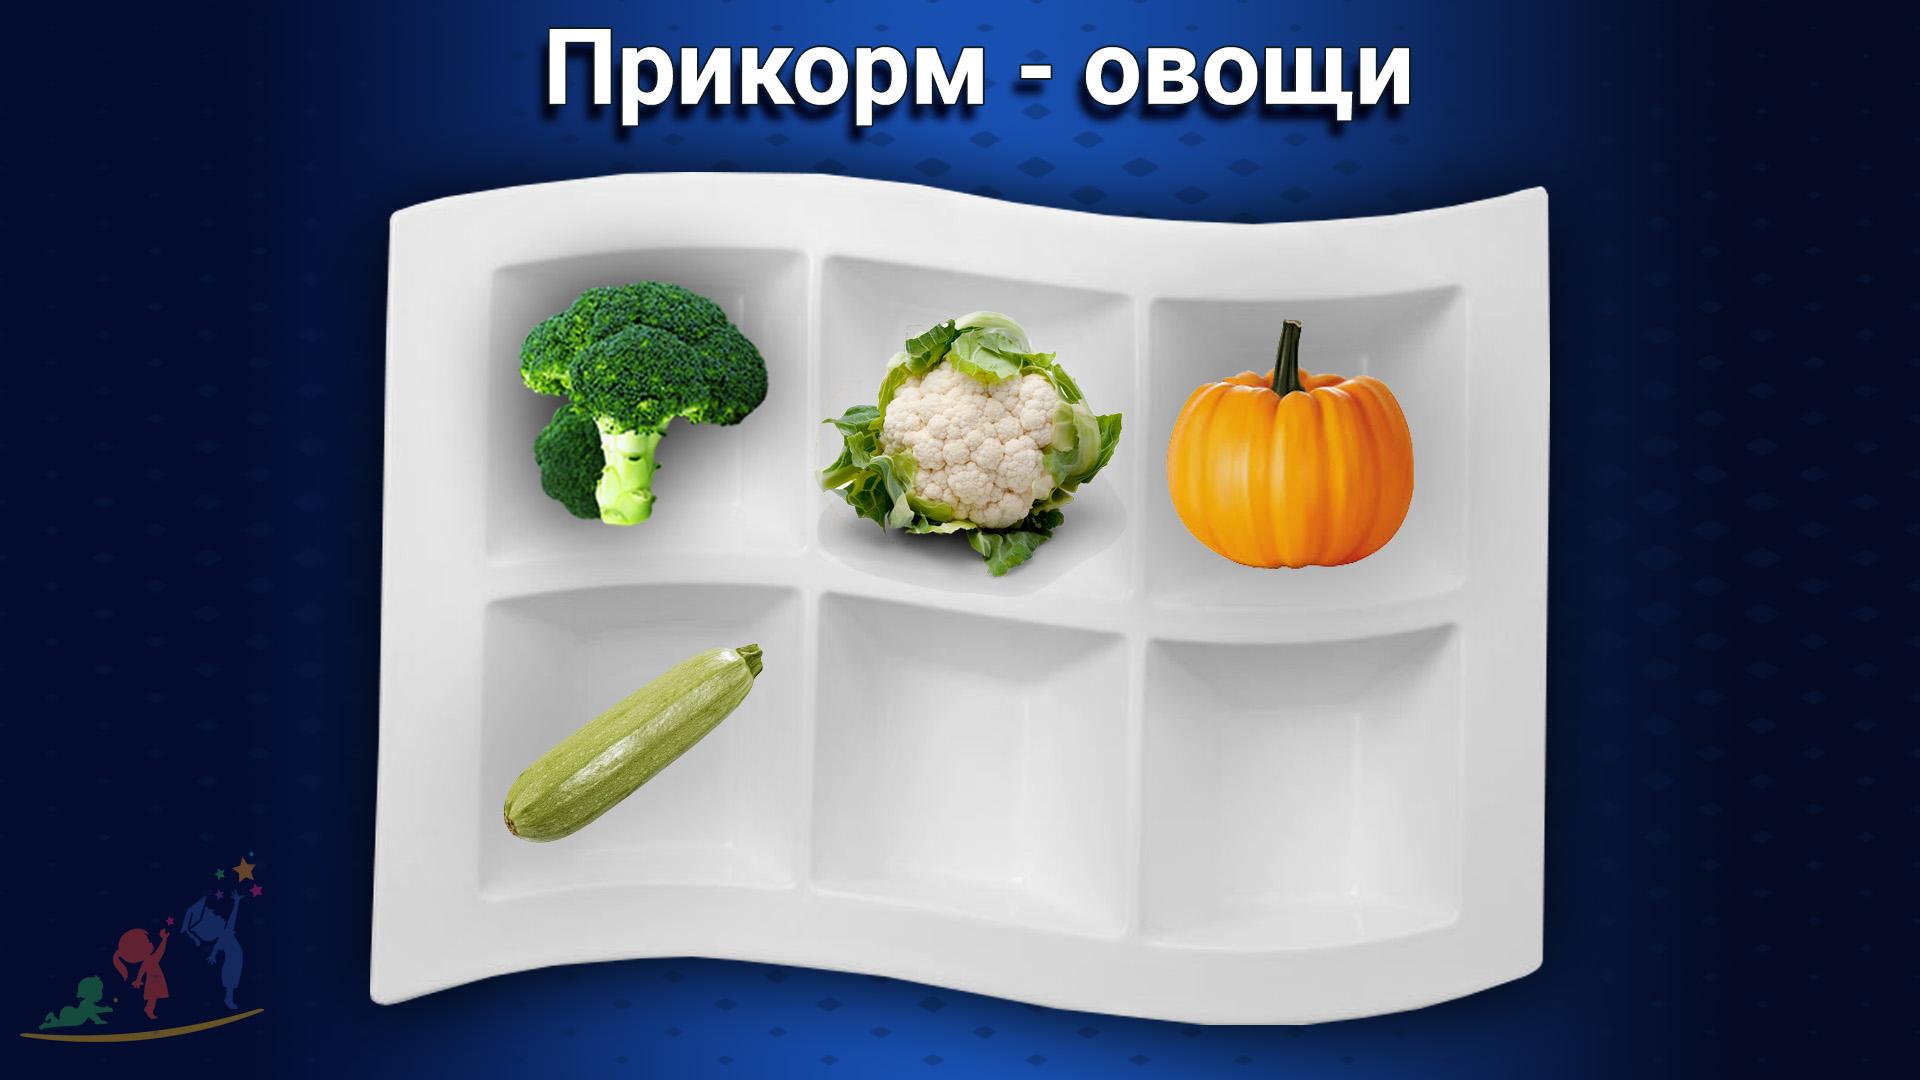 Прикорм овощи